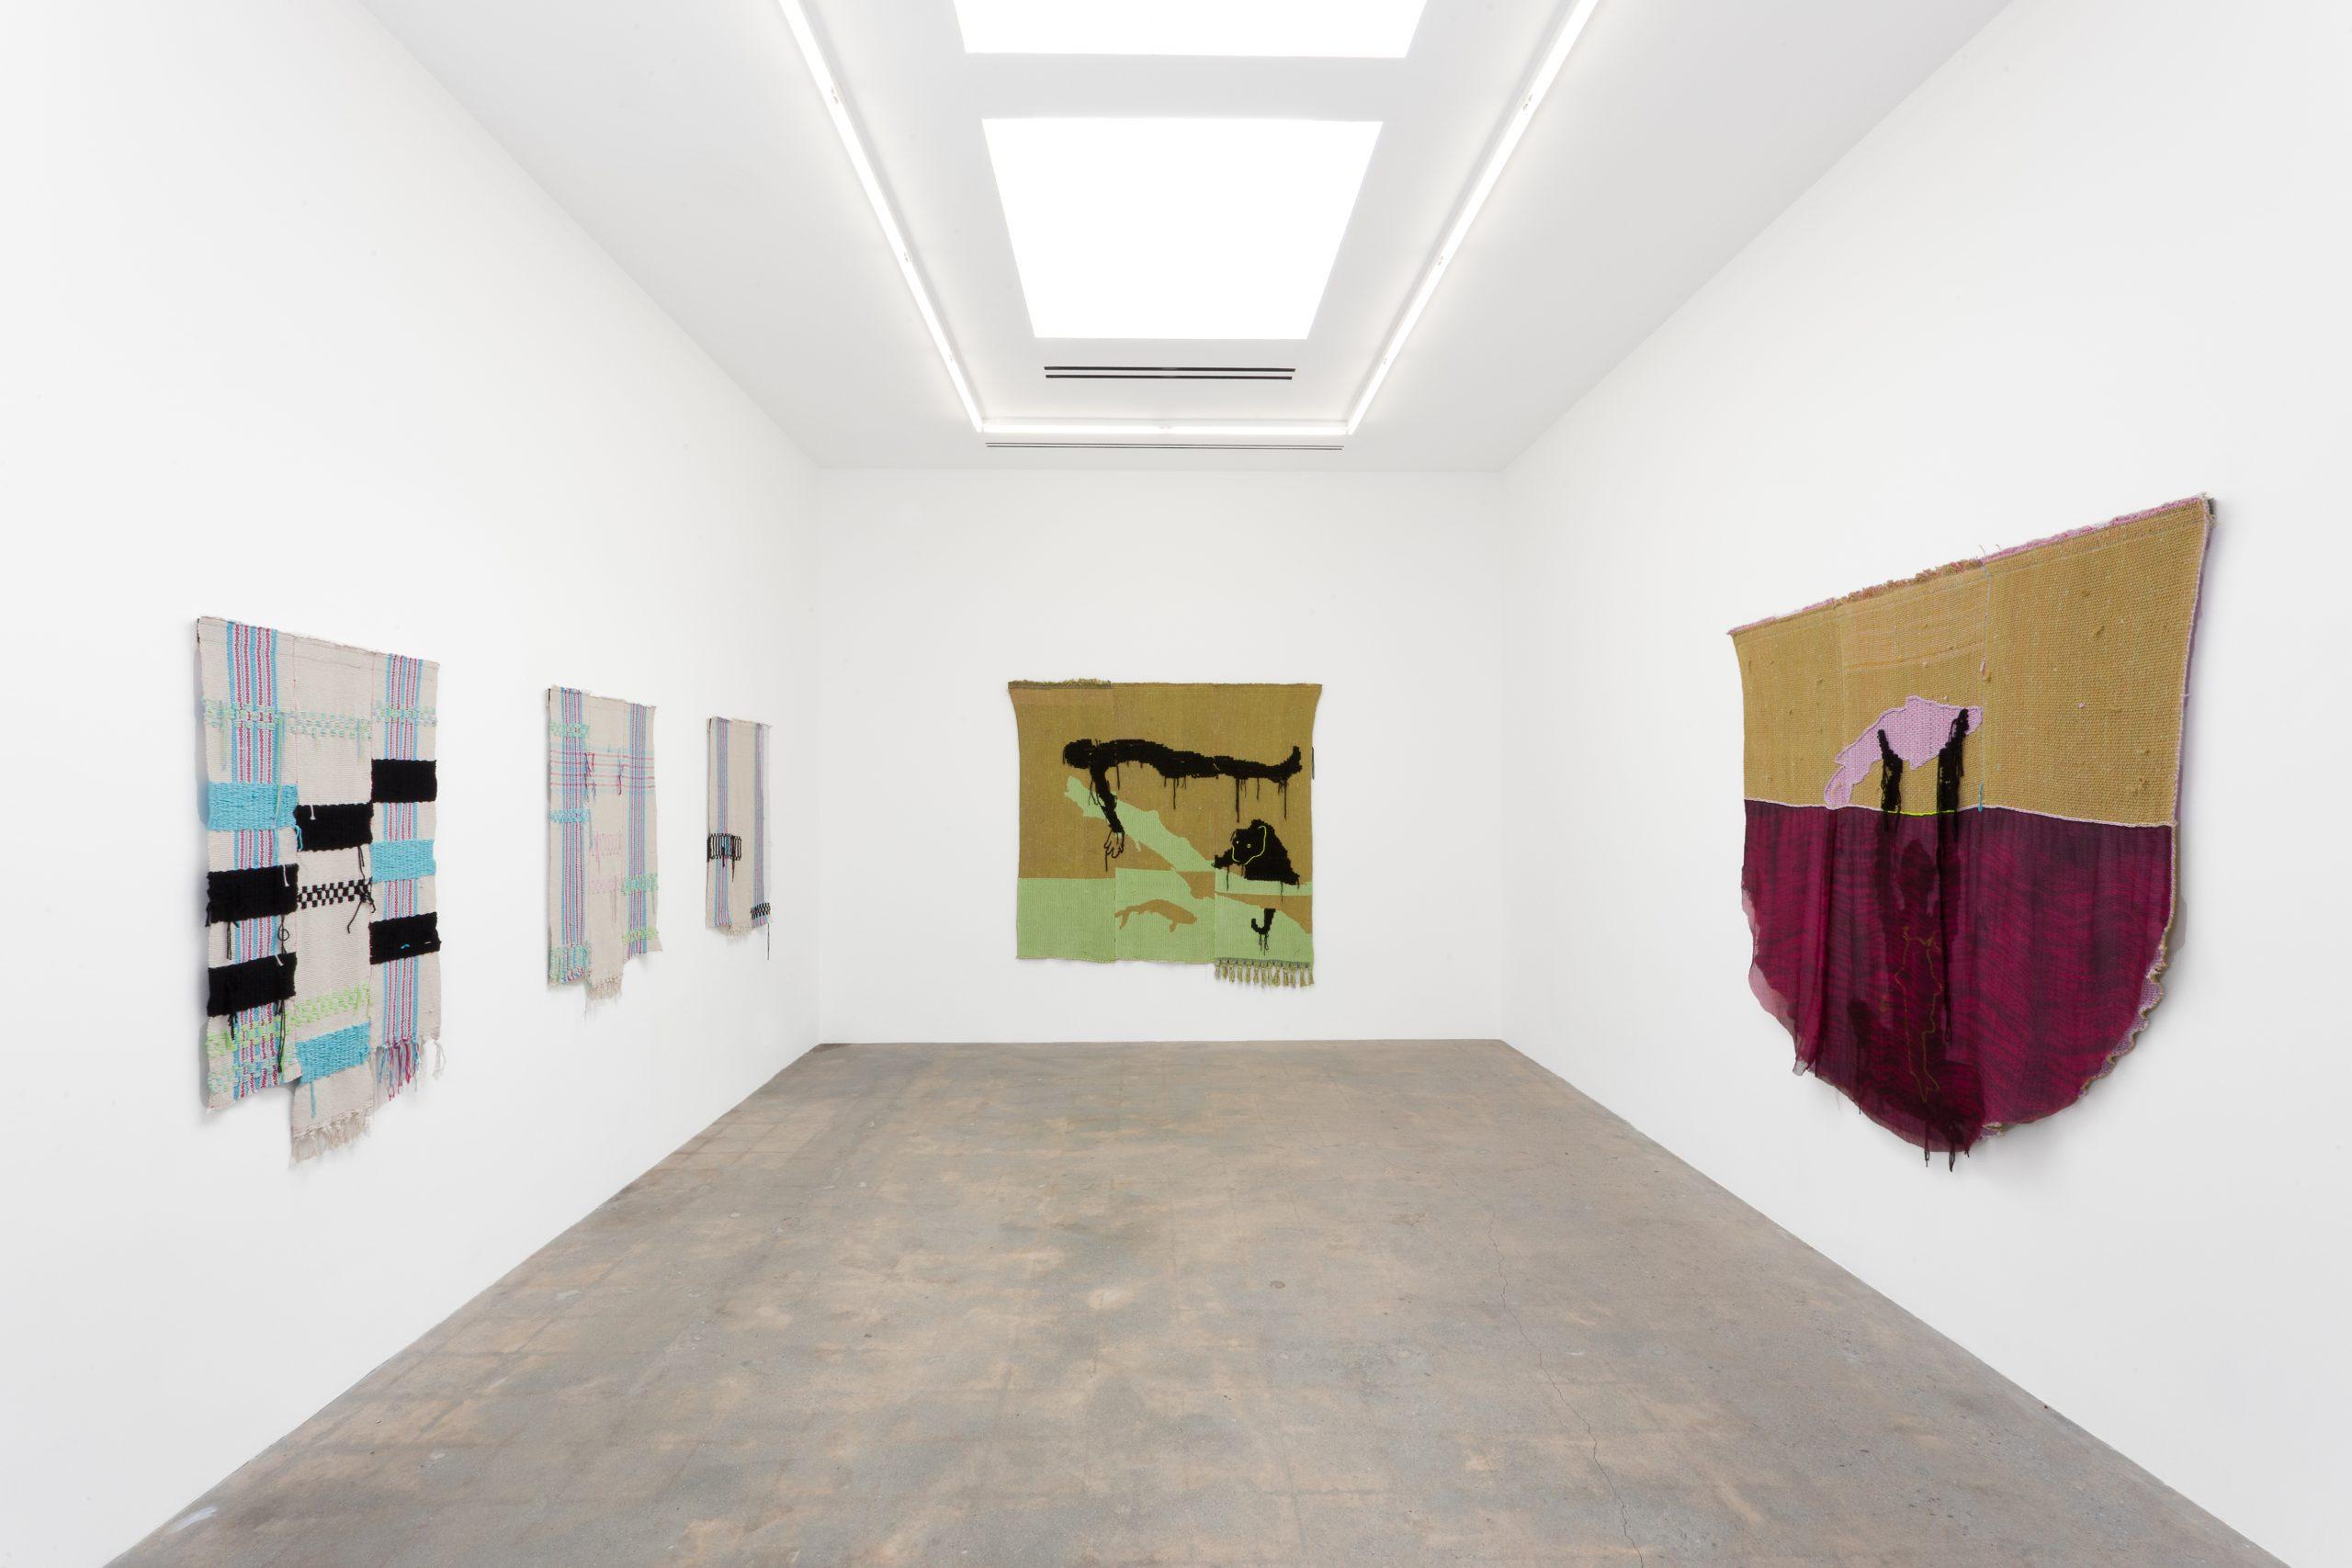 Diedrick Brackens, fantasmas impíos, 2019, Various Small Fires, Los Ángeles. Cortesía del artista y Various Small Fires, Los Ángeles / Seúl y Jack Shainman Gallery, Nueva York.